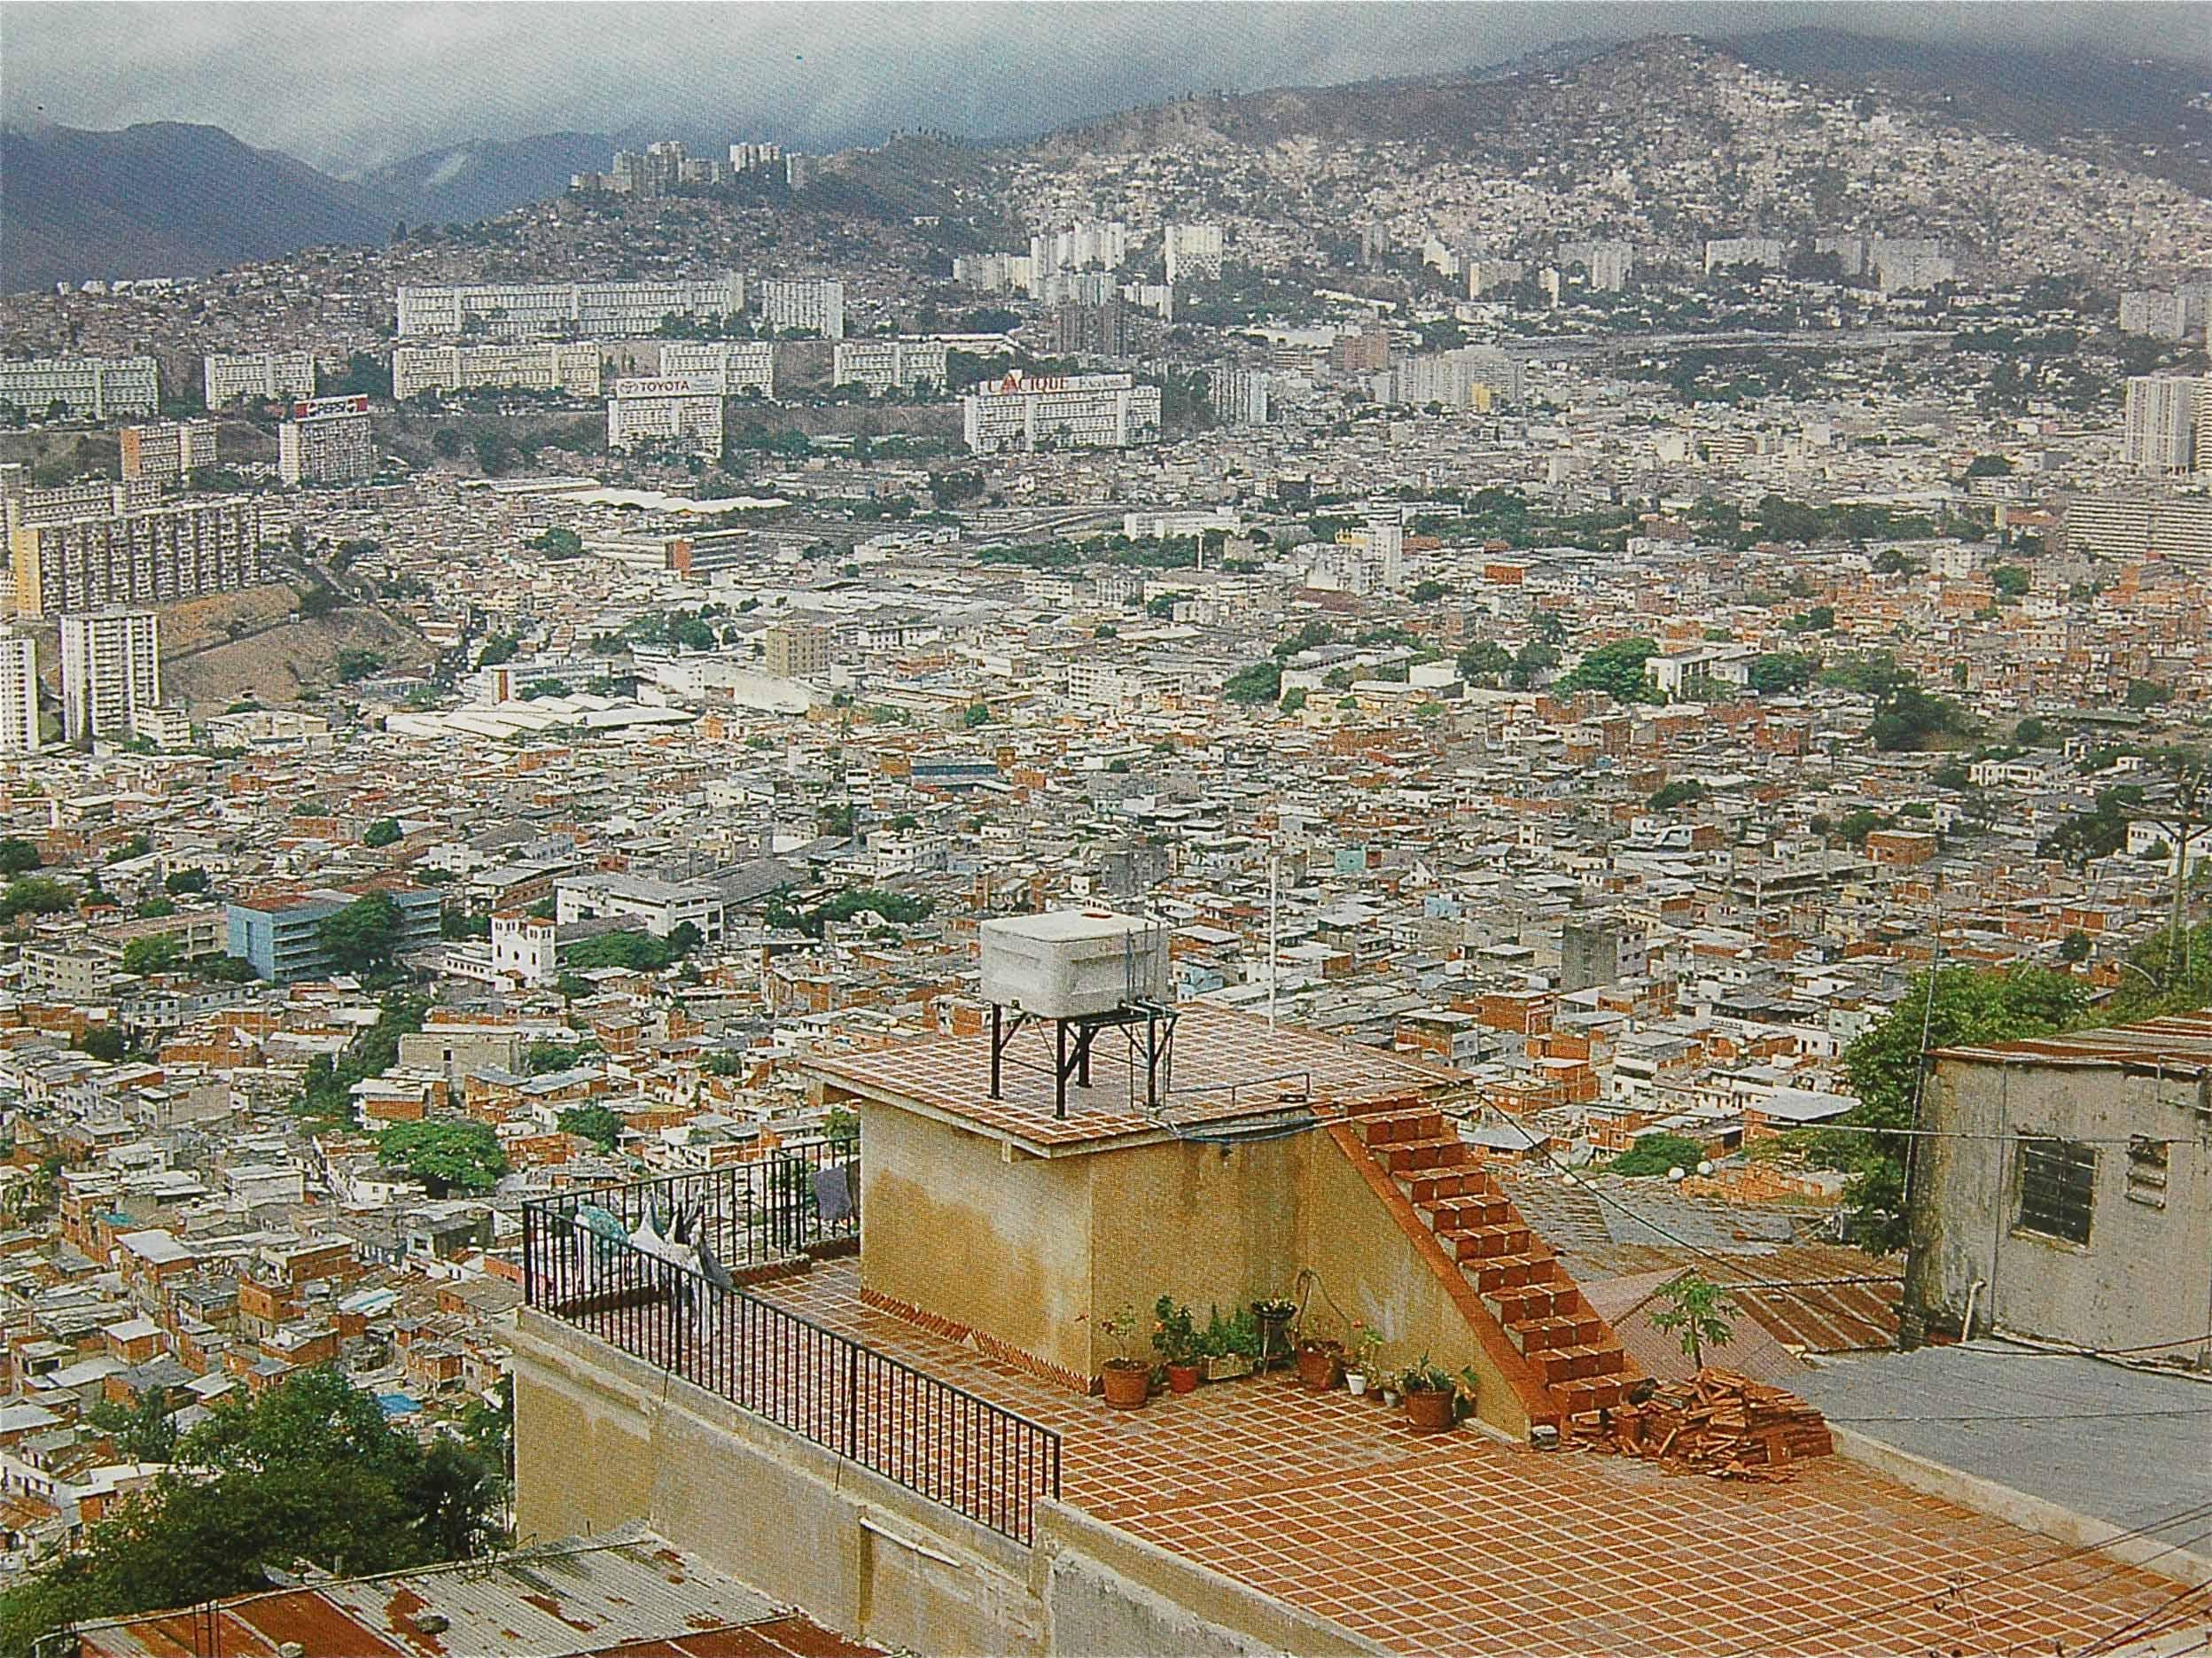 ¿Para qué mejor calidad de vida urbana?